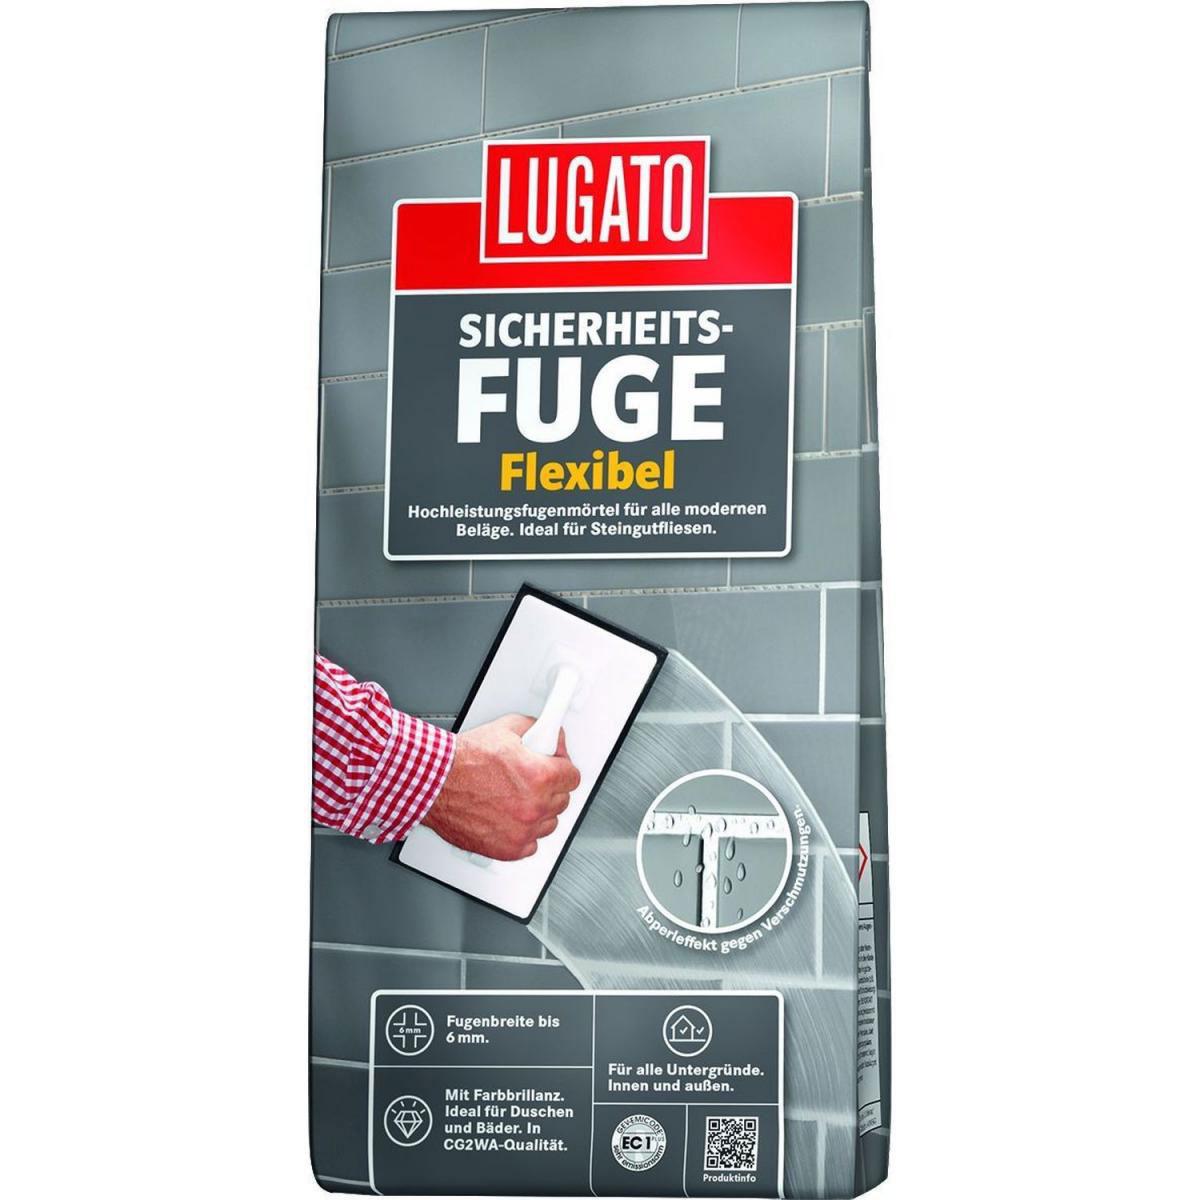 Lugato Sicherheitsfuge, flexibel weiß 5 kg